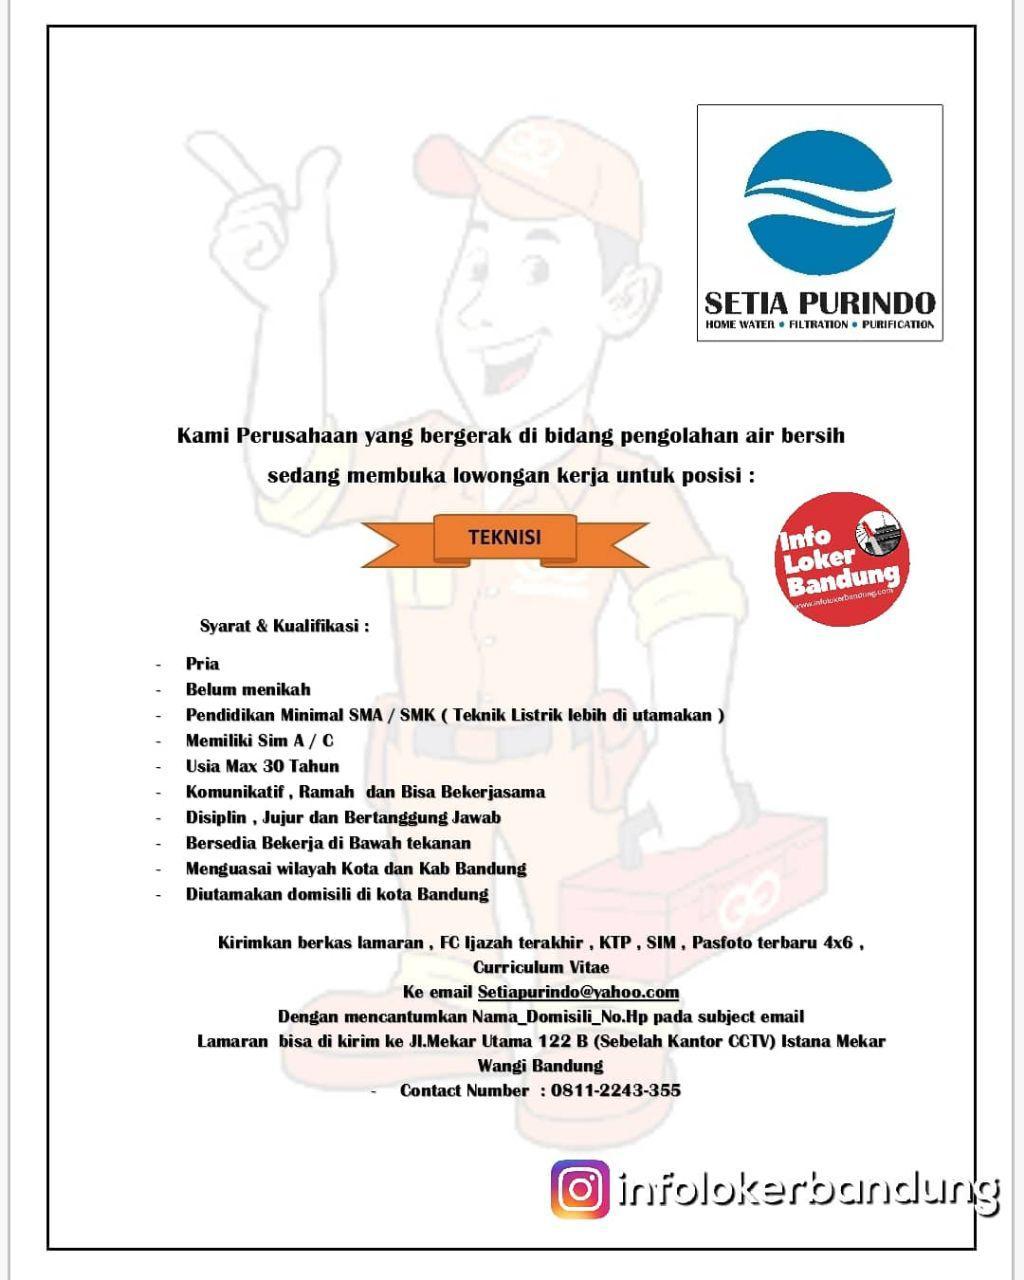 Lowongan Kerja PT. Setia Purindo Bandung Februari 2019